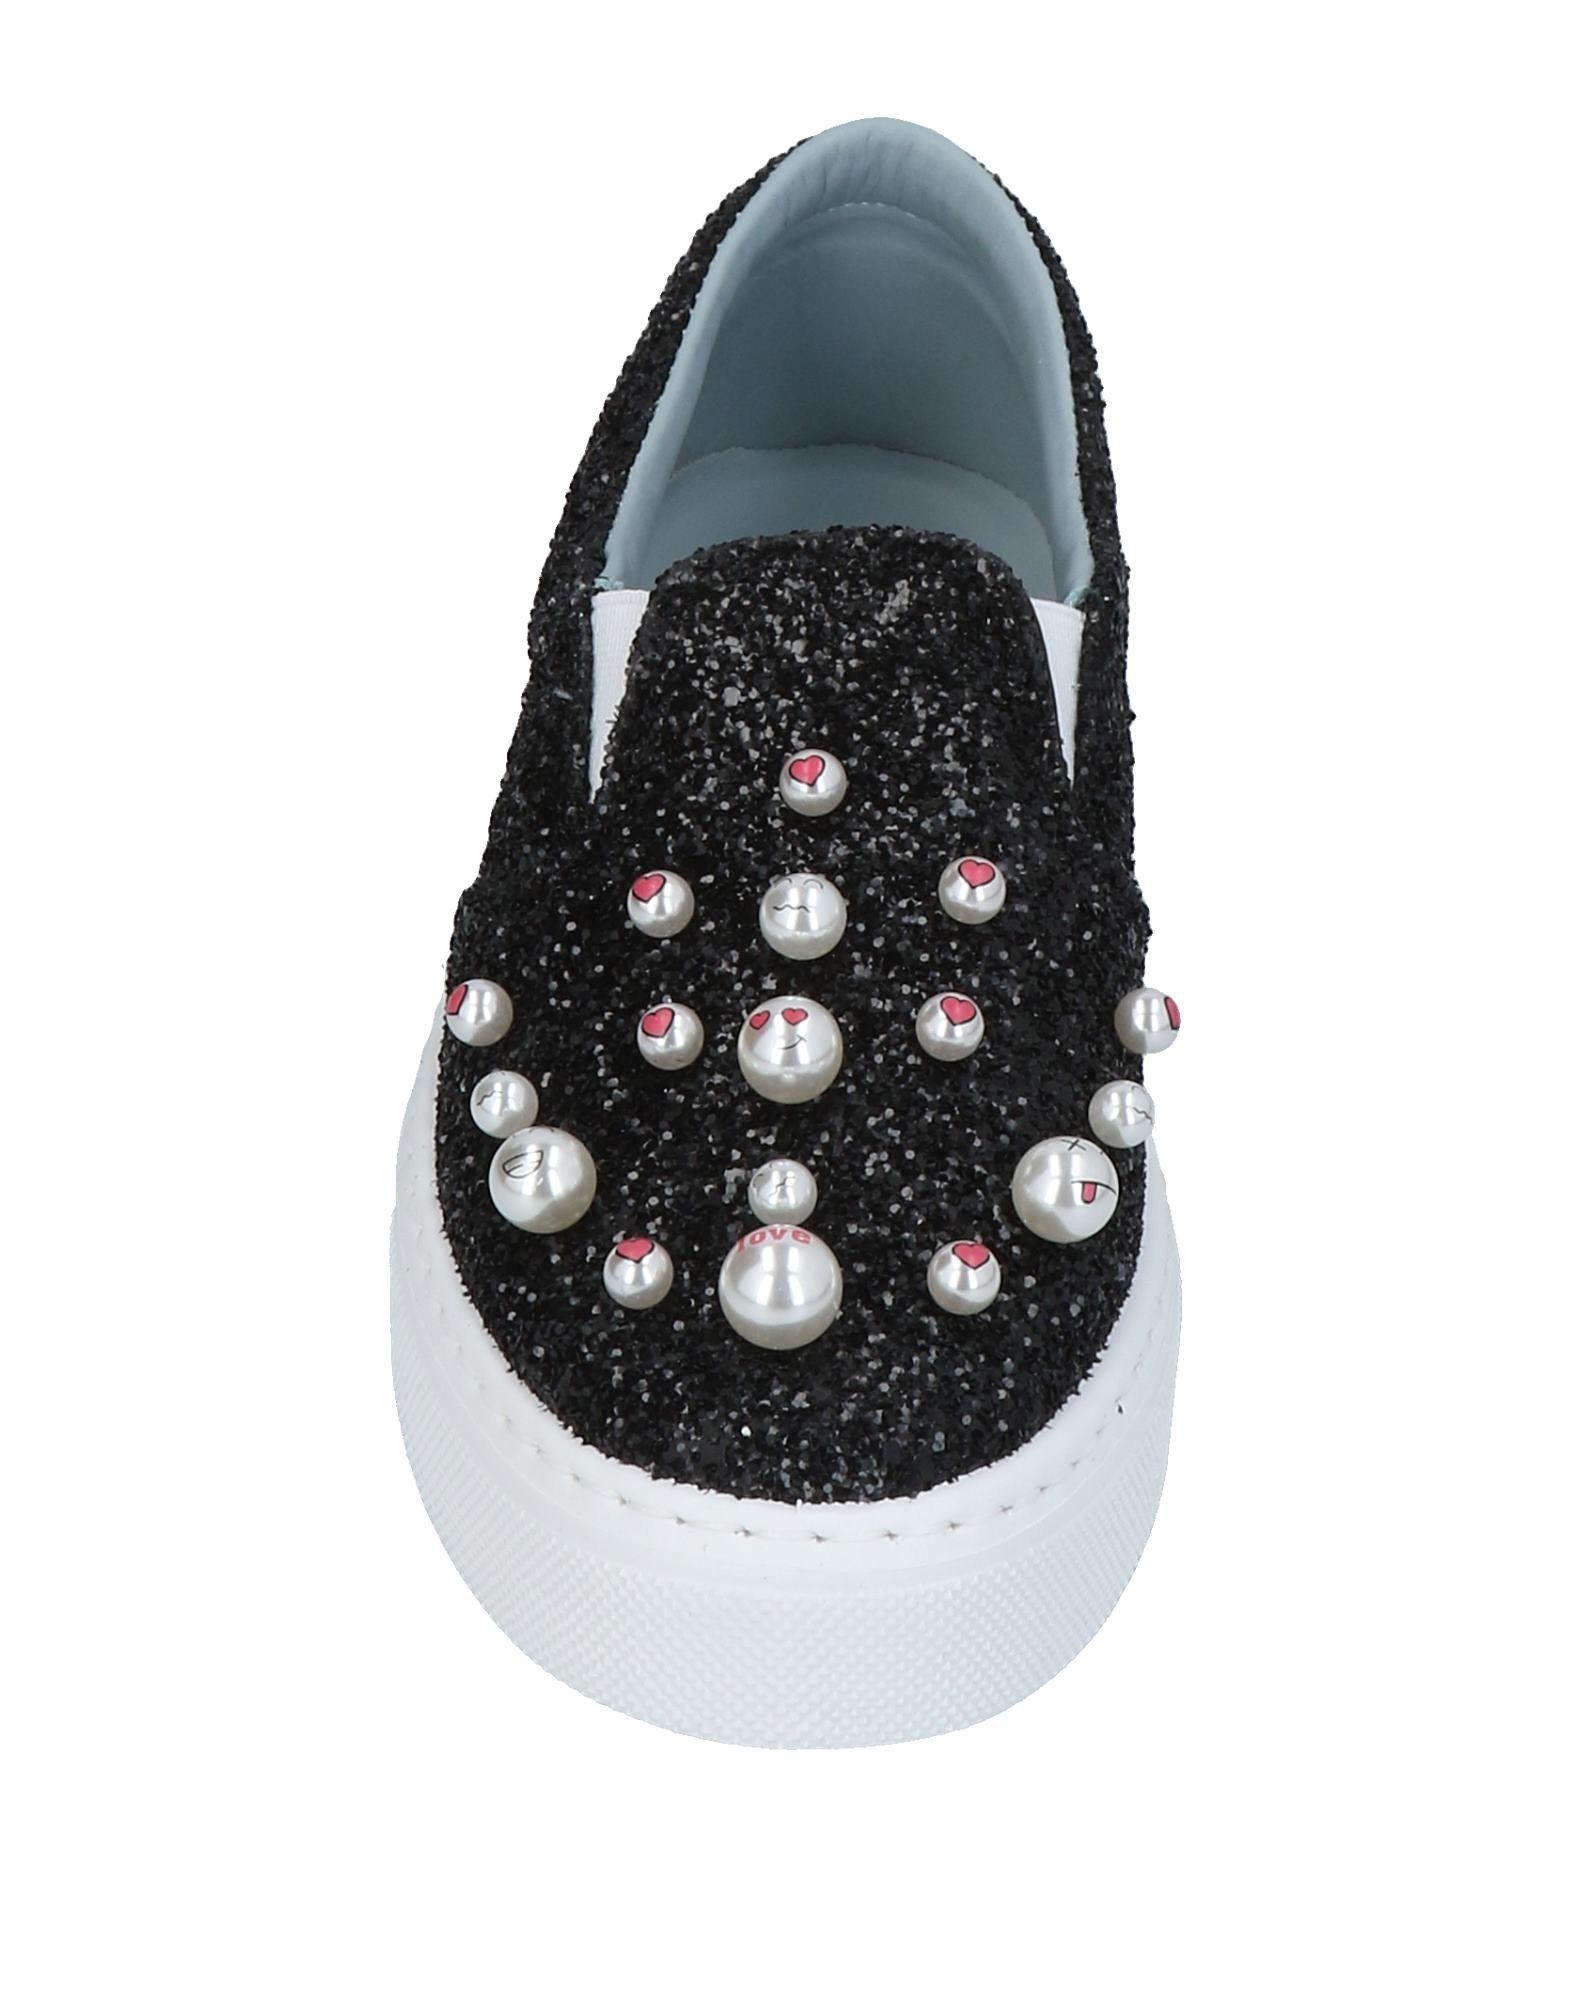 Stilvolle Sneakers billige Schuhe Chiara Ferragni Sneakers Stilvolle Damen  11452621MI 7483a9